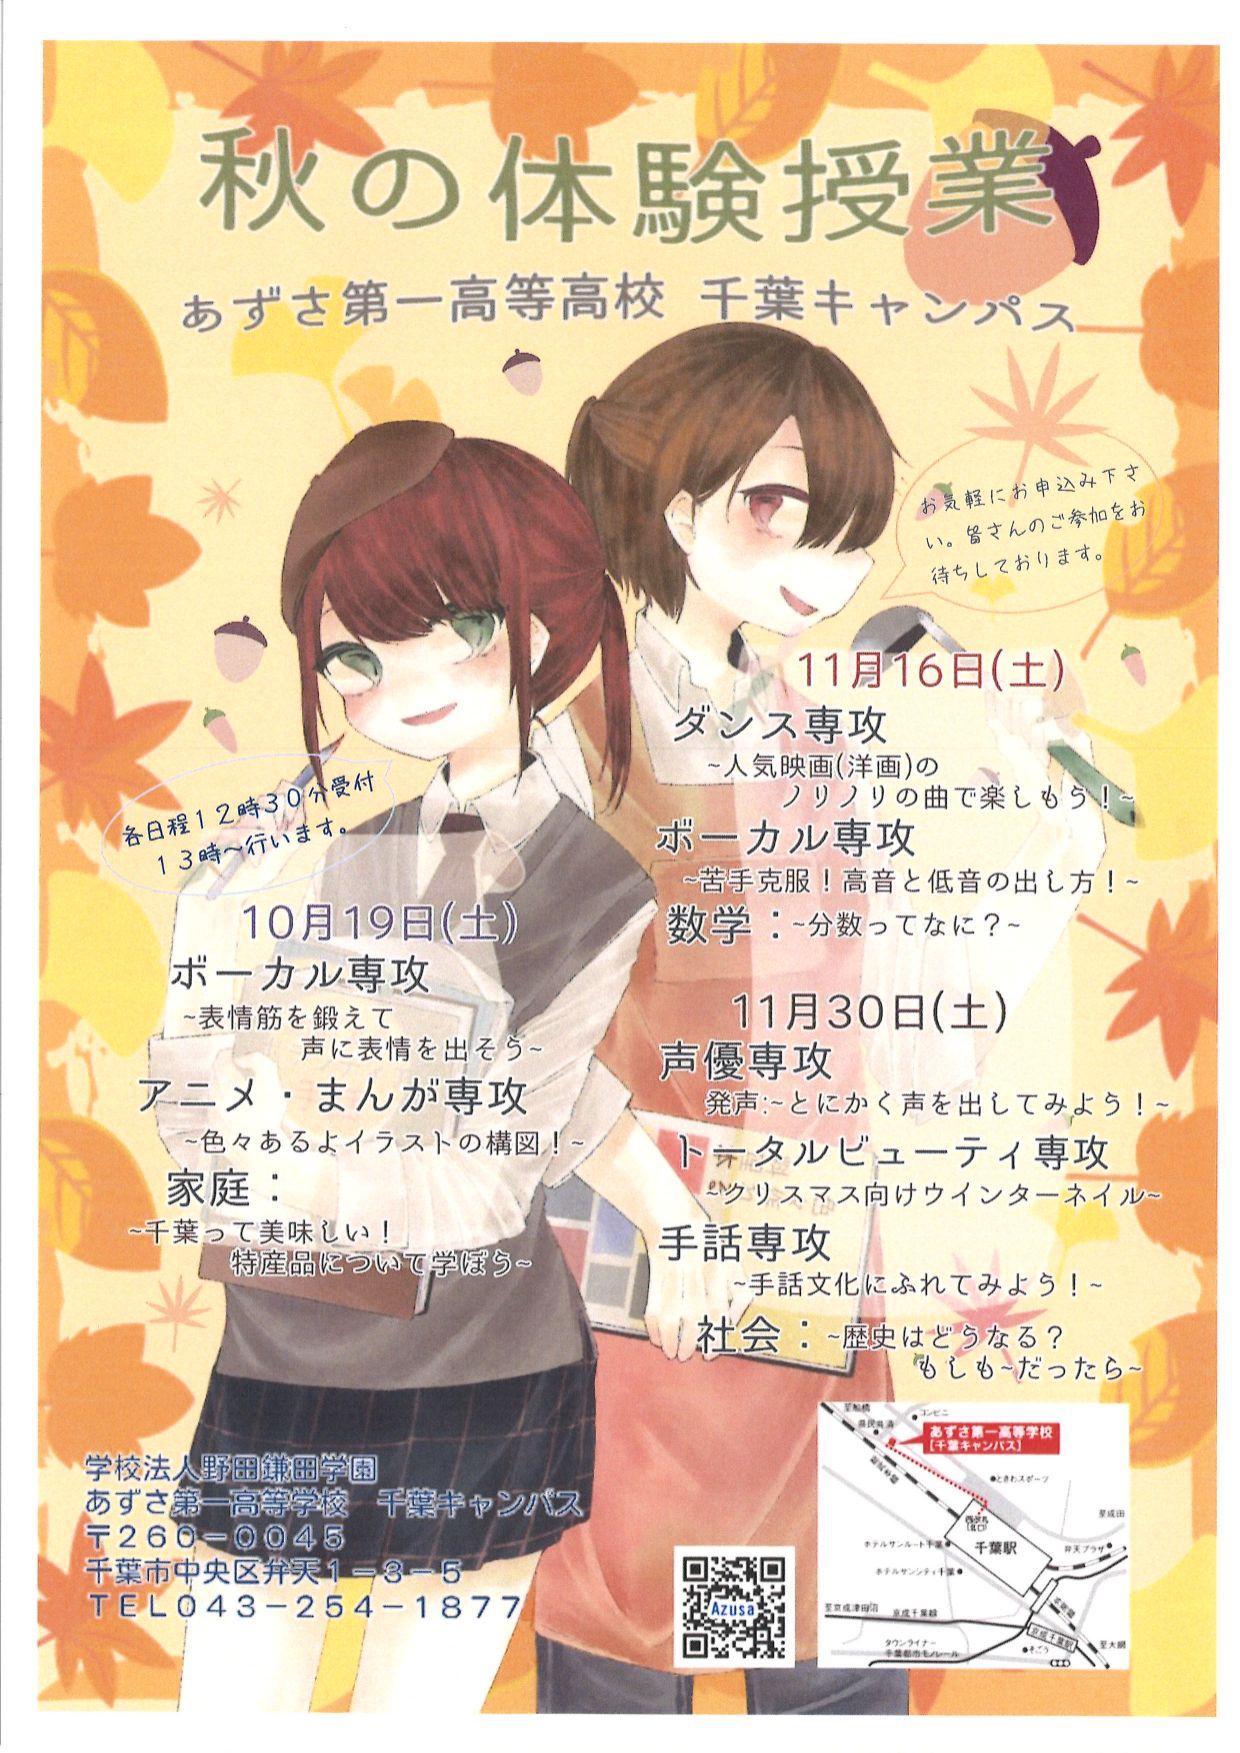 千葉キャンパス 学校説明会&秋の体験授業 image1